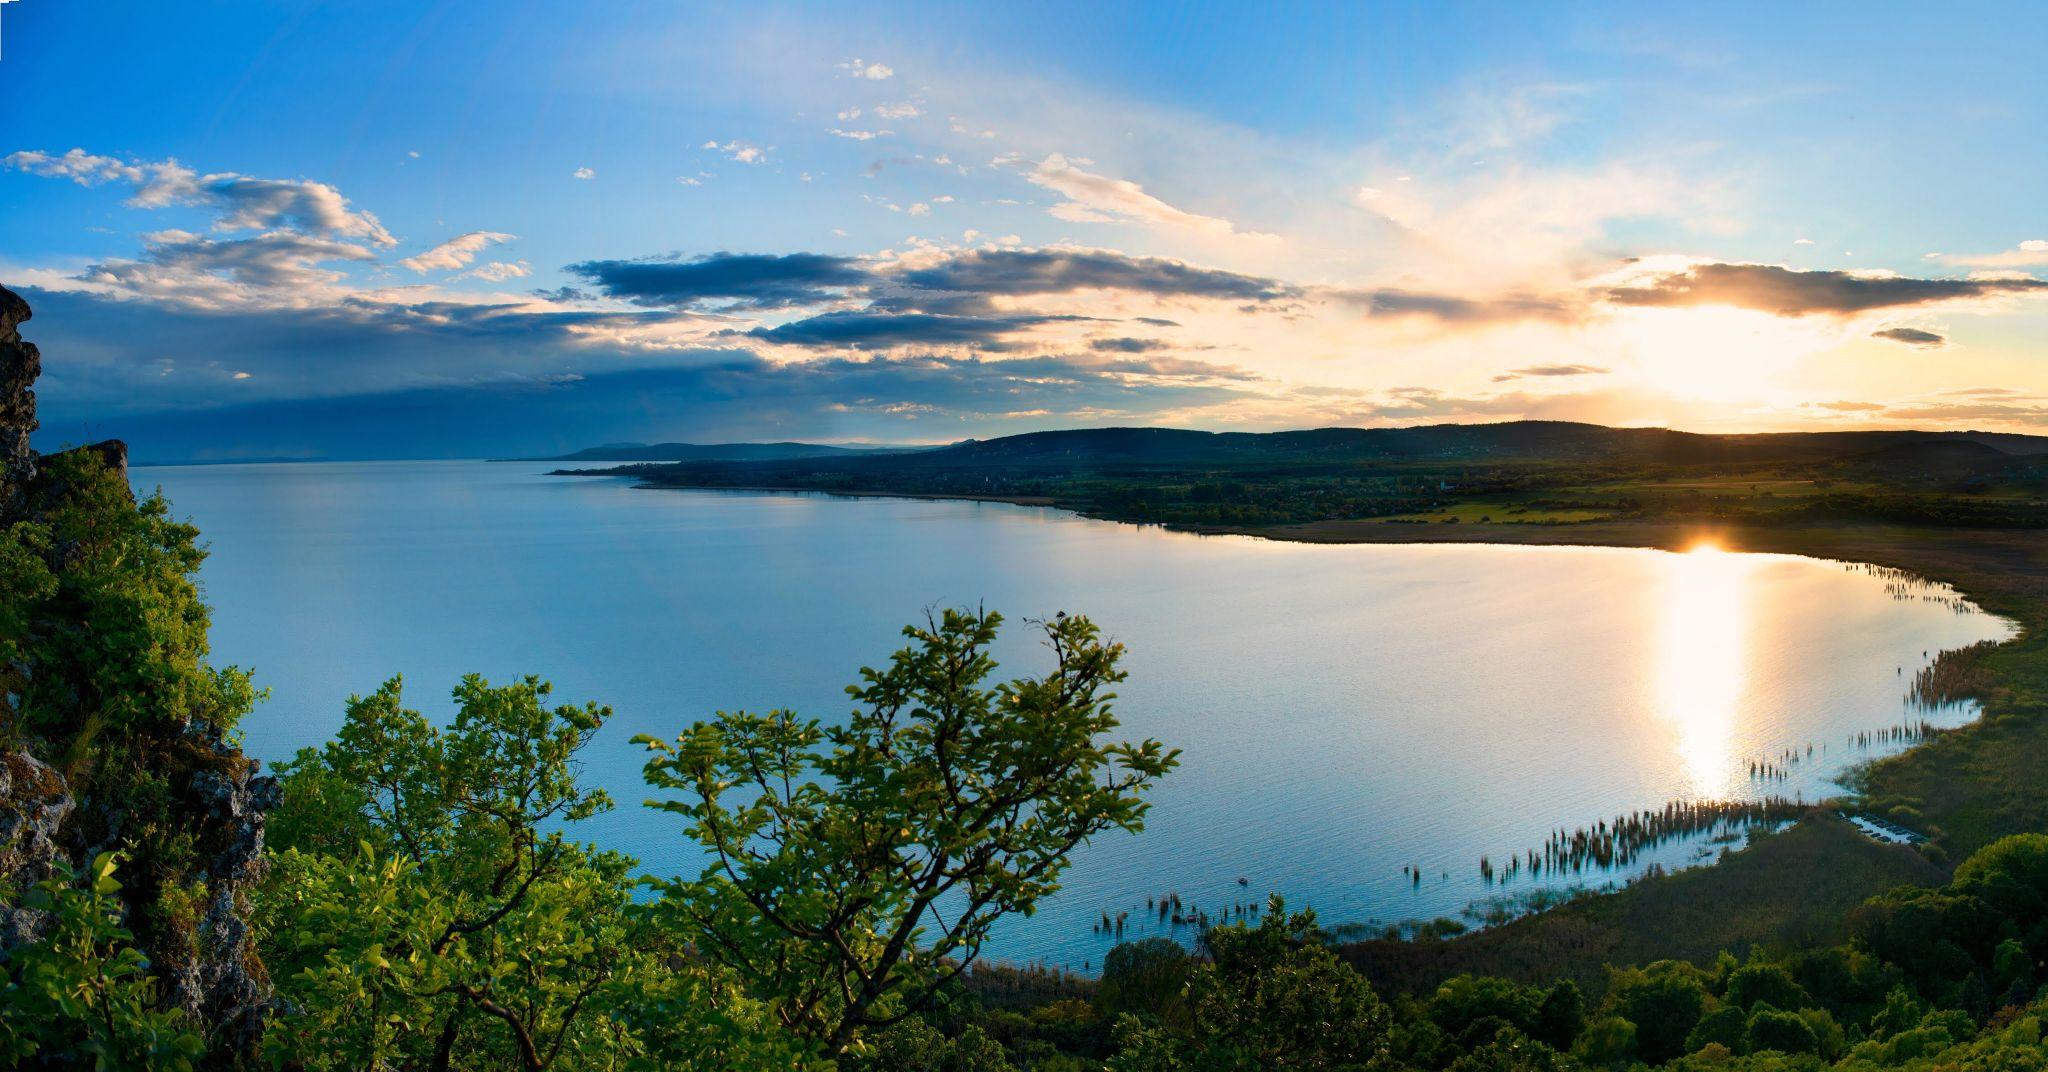 Sajkod Bay, Hungary